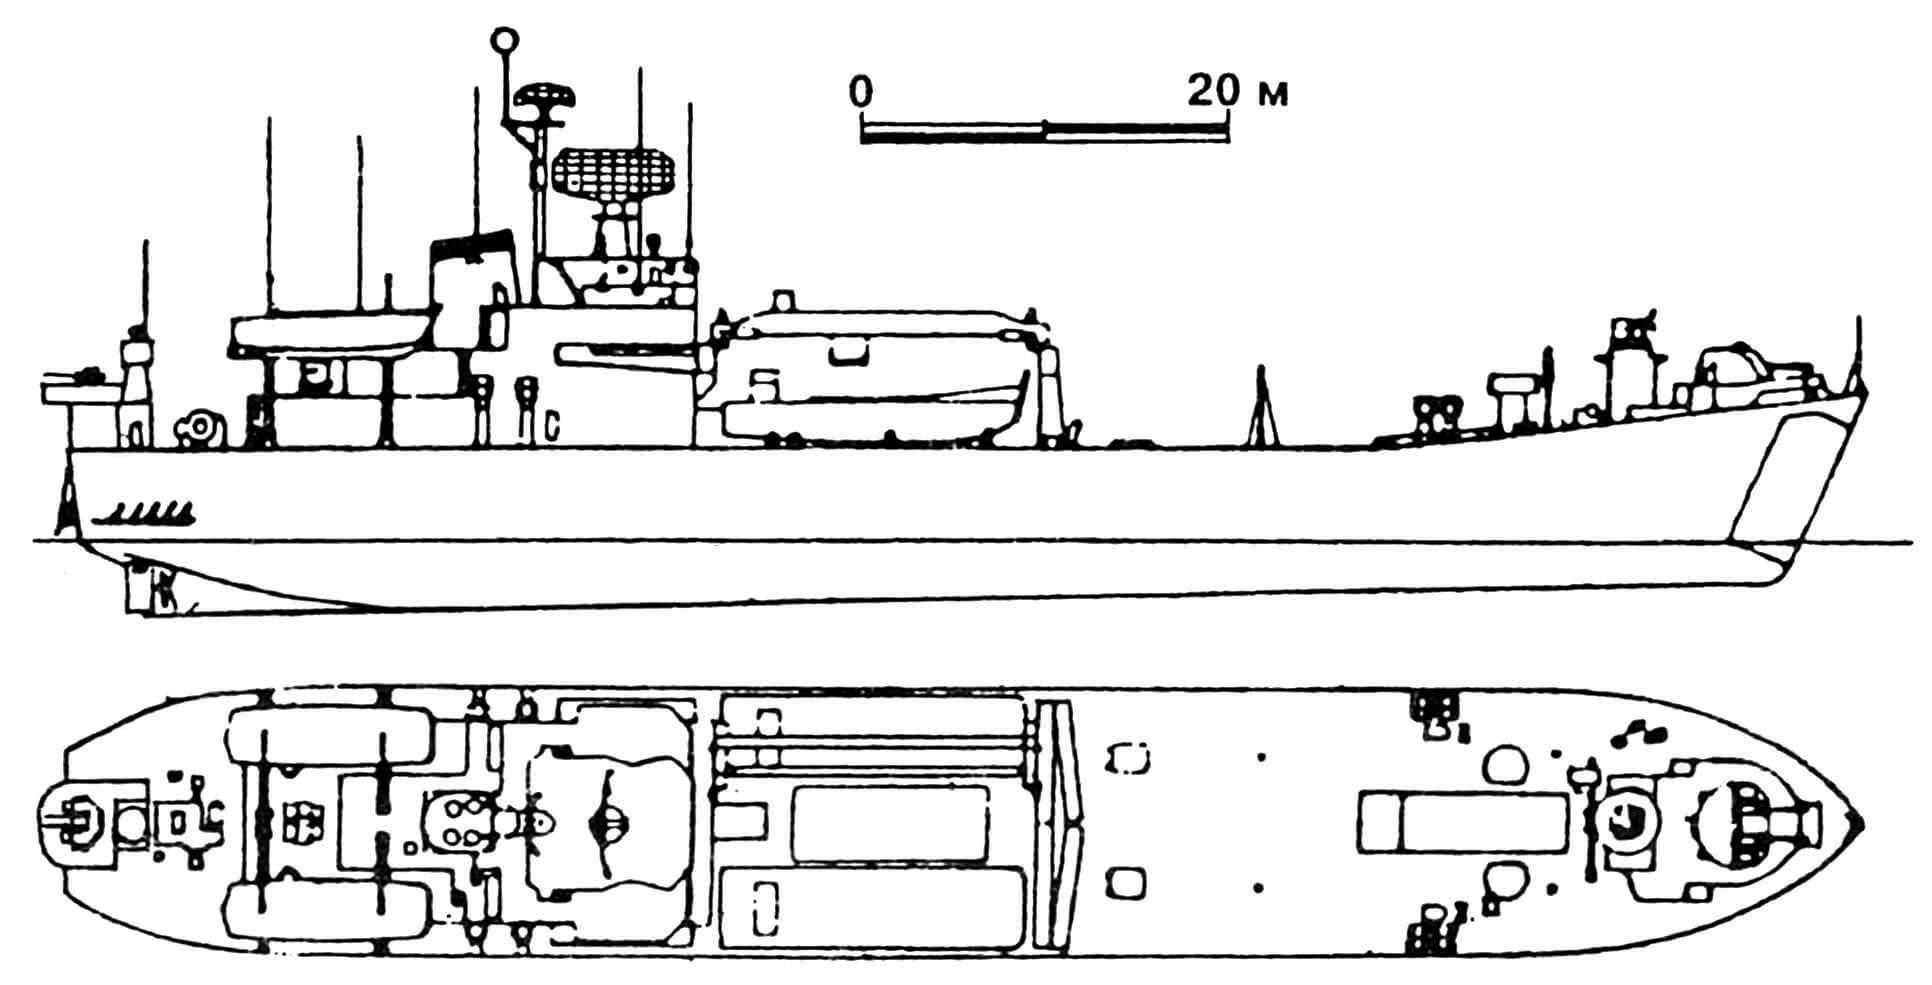 42. Танкодесантный корабль «Миура», Япония, 1974 г. Водоизмещение стандартное 2000 т, полное 3200 т. Длина максимальная 98,0 м, ширина 14,0 м, осадка 3,0 м. Дизели общей мощностью 4400 л.с., скорость 14 узлов. Вооружение: два 76-мм зенитных орудия, два 40-мм автомата. Вместимость: 180 десантников и 1800 т груза. Всего в 1974 — 1976 годах построено 3 единицы.